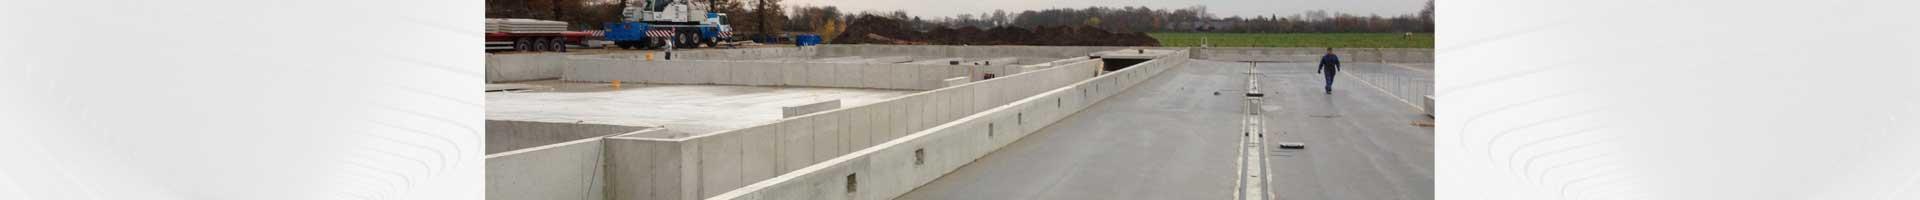 slide-beton4